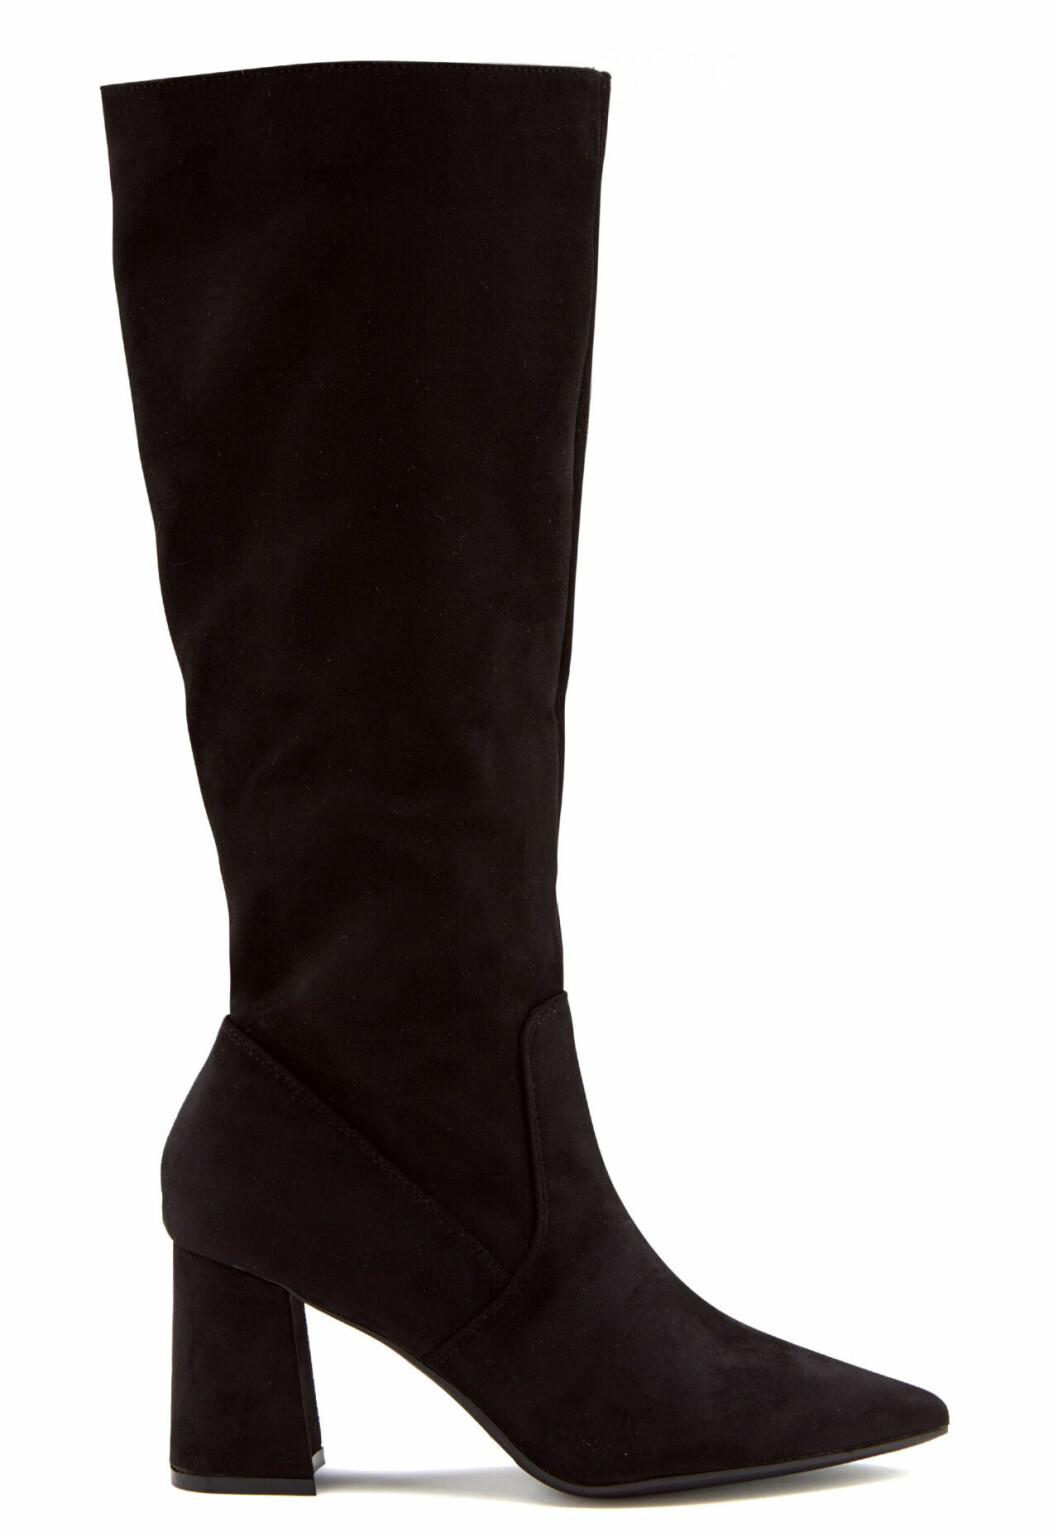 Svarta knähöga stövlar för dam som är billiga